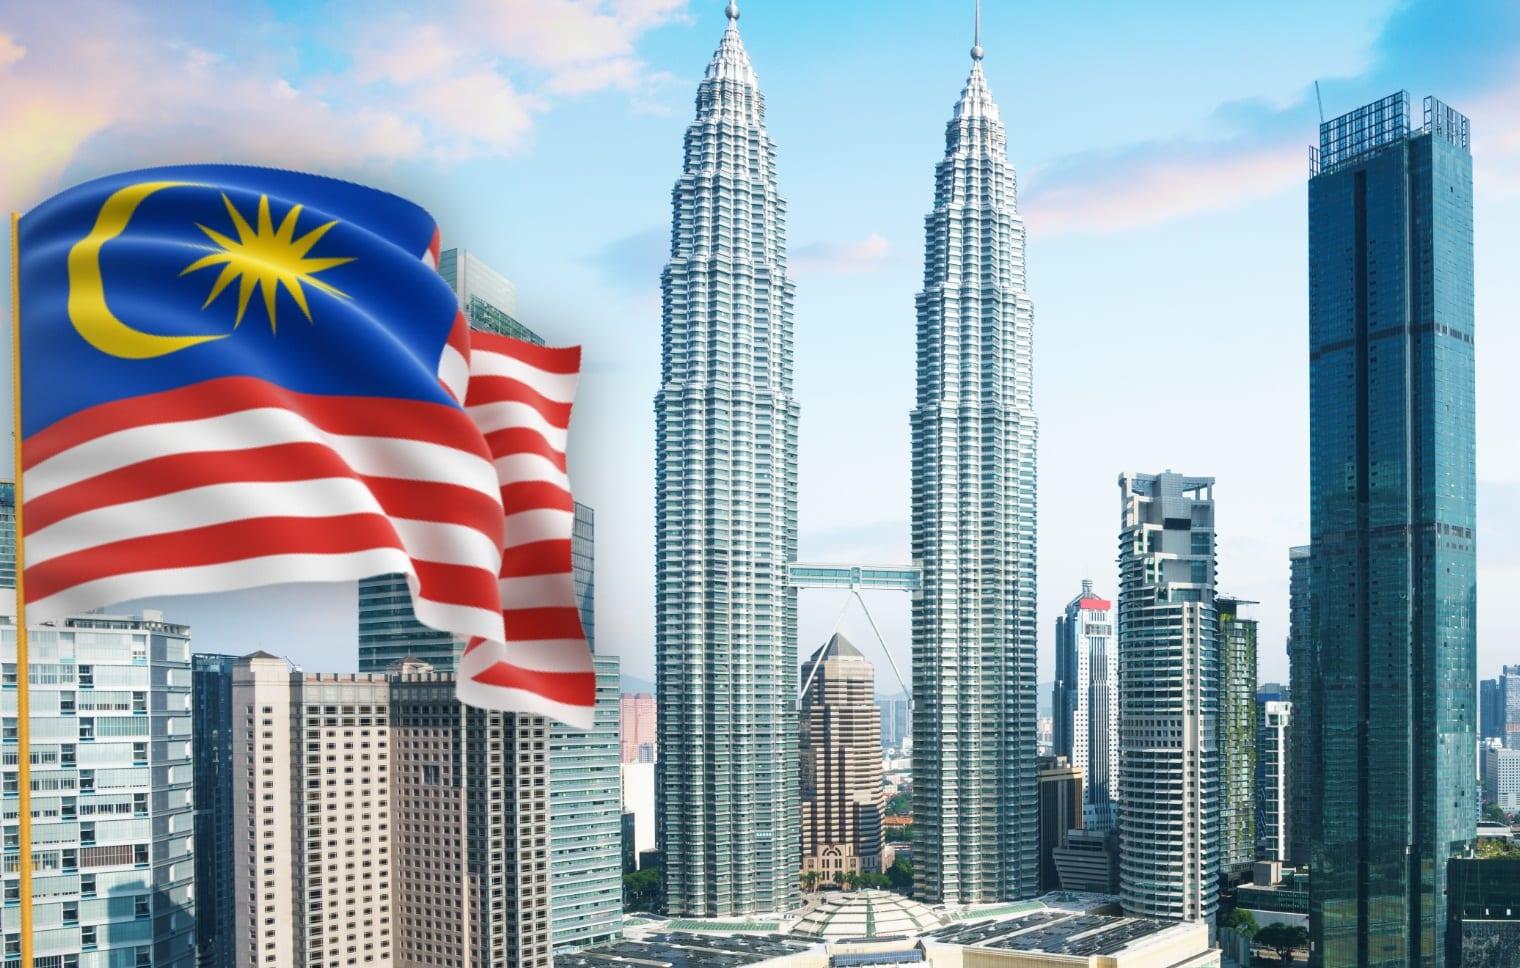 giá cước bưu điện gửi hàng đi Malaysia